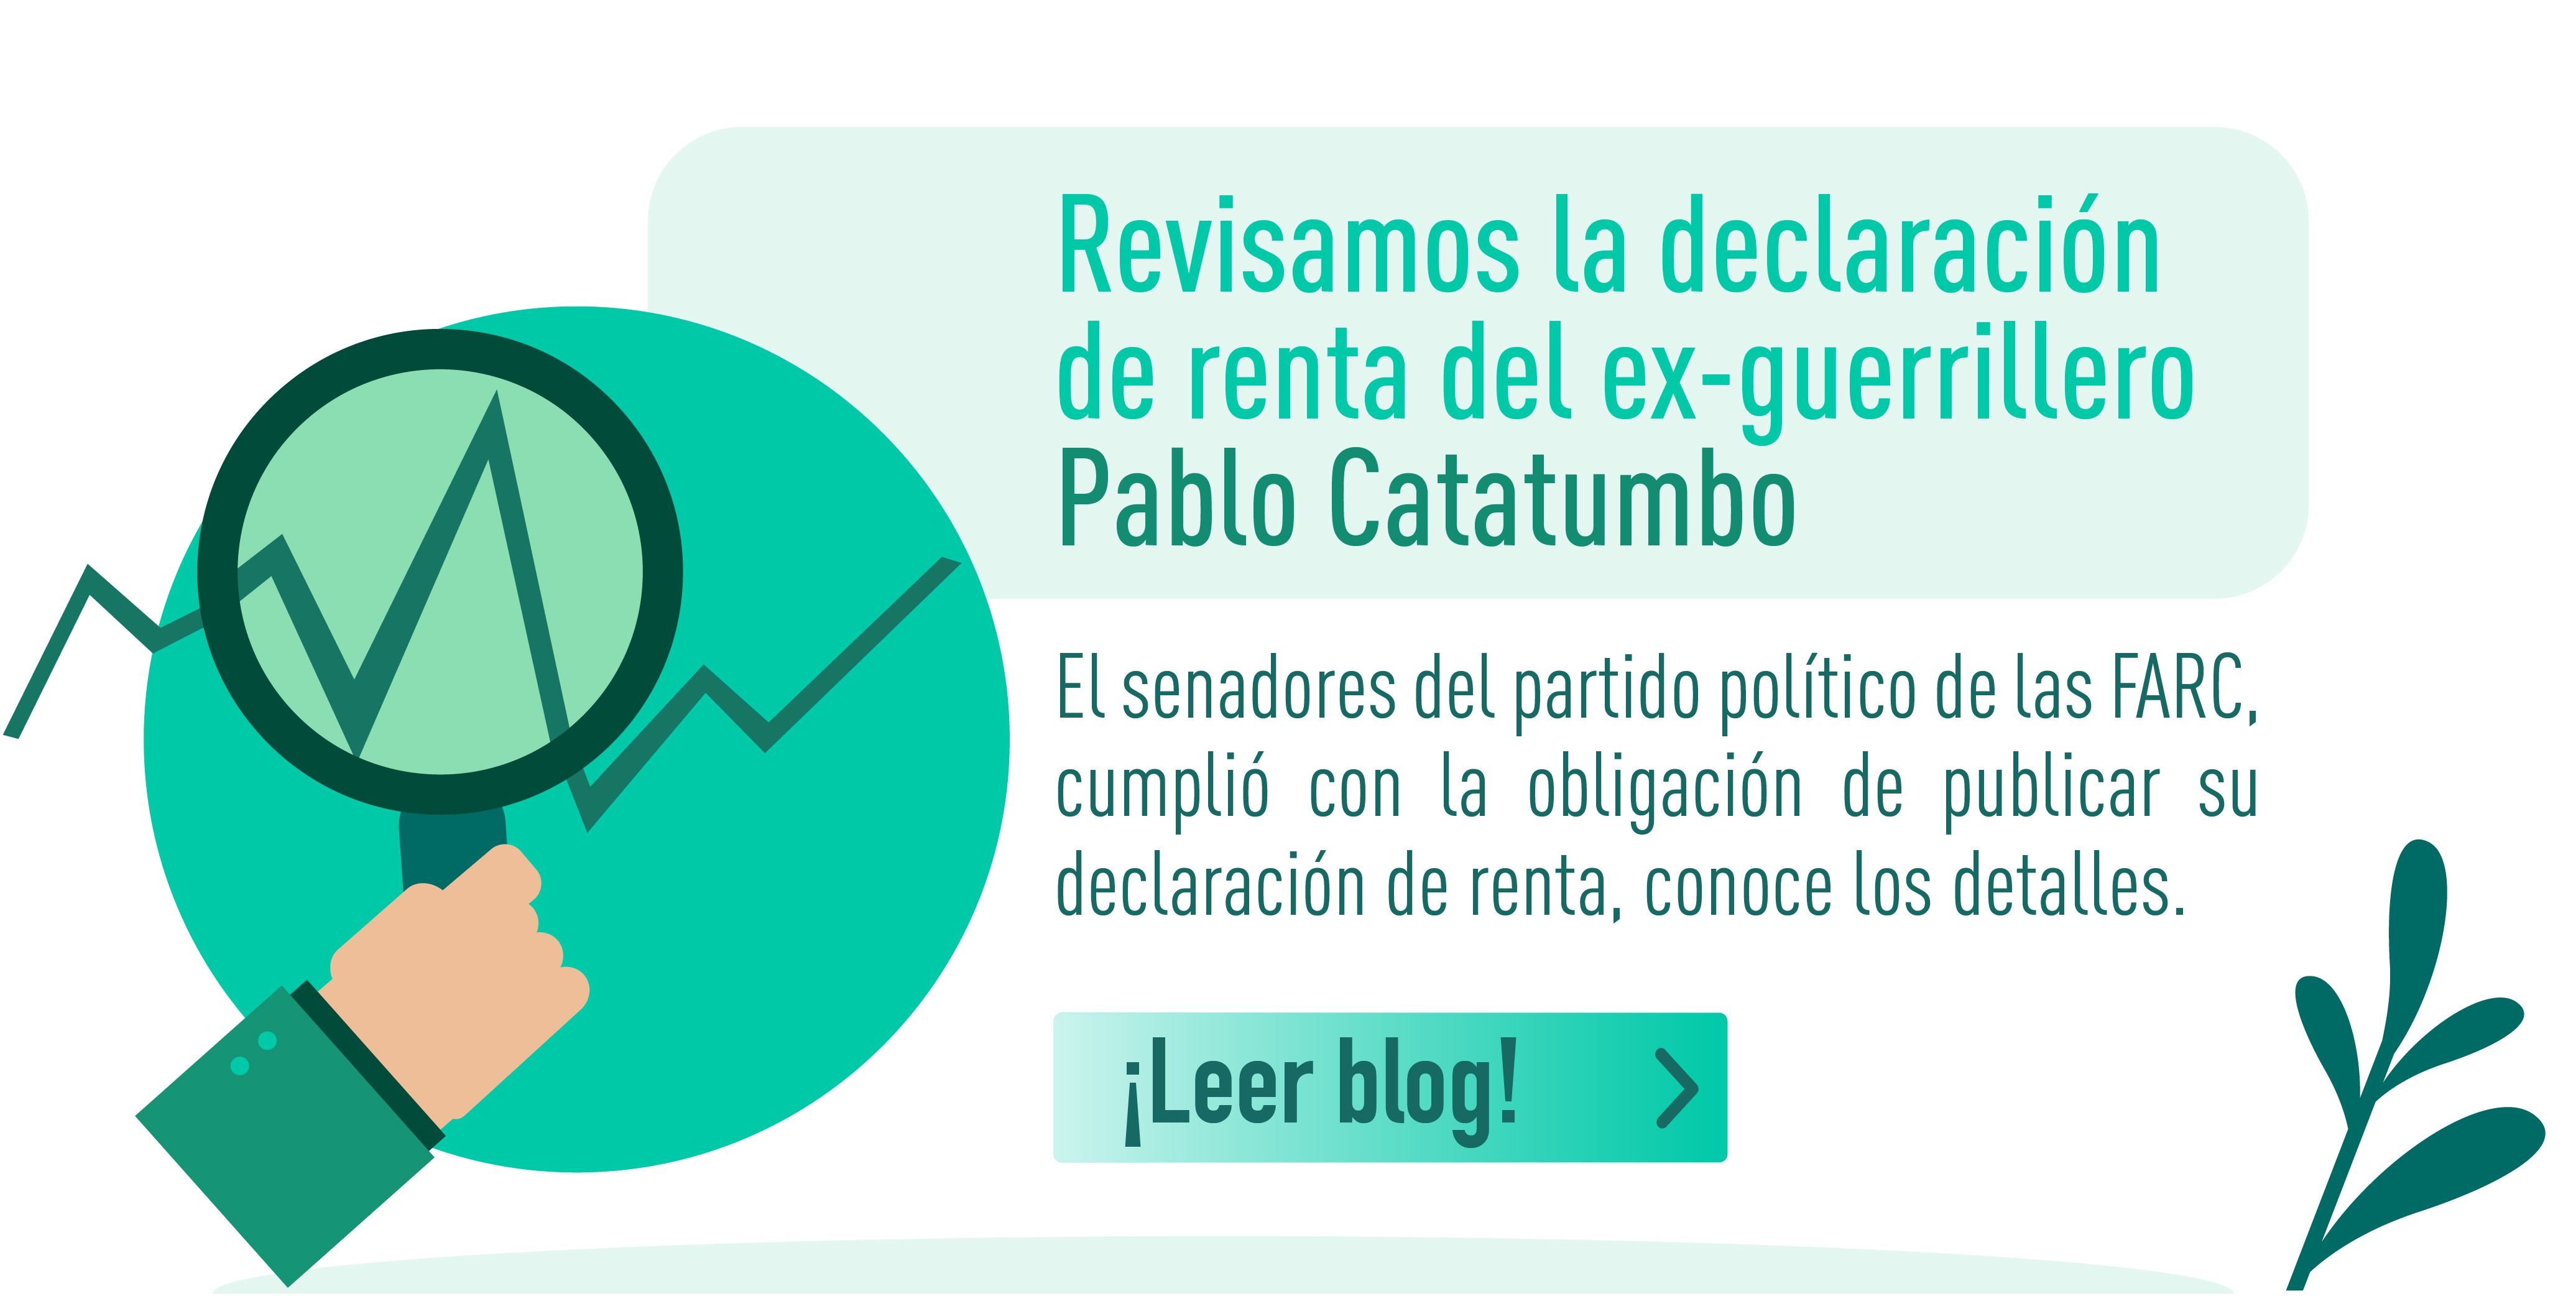 Revisamos la declaración de renta del ex-guerrillero Pablo Catatumbo: te contamos lo que encontramos